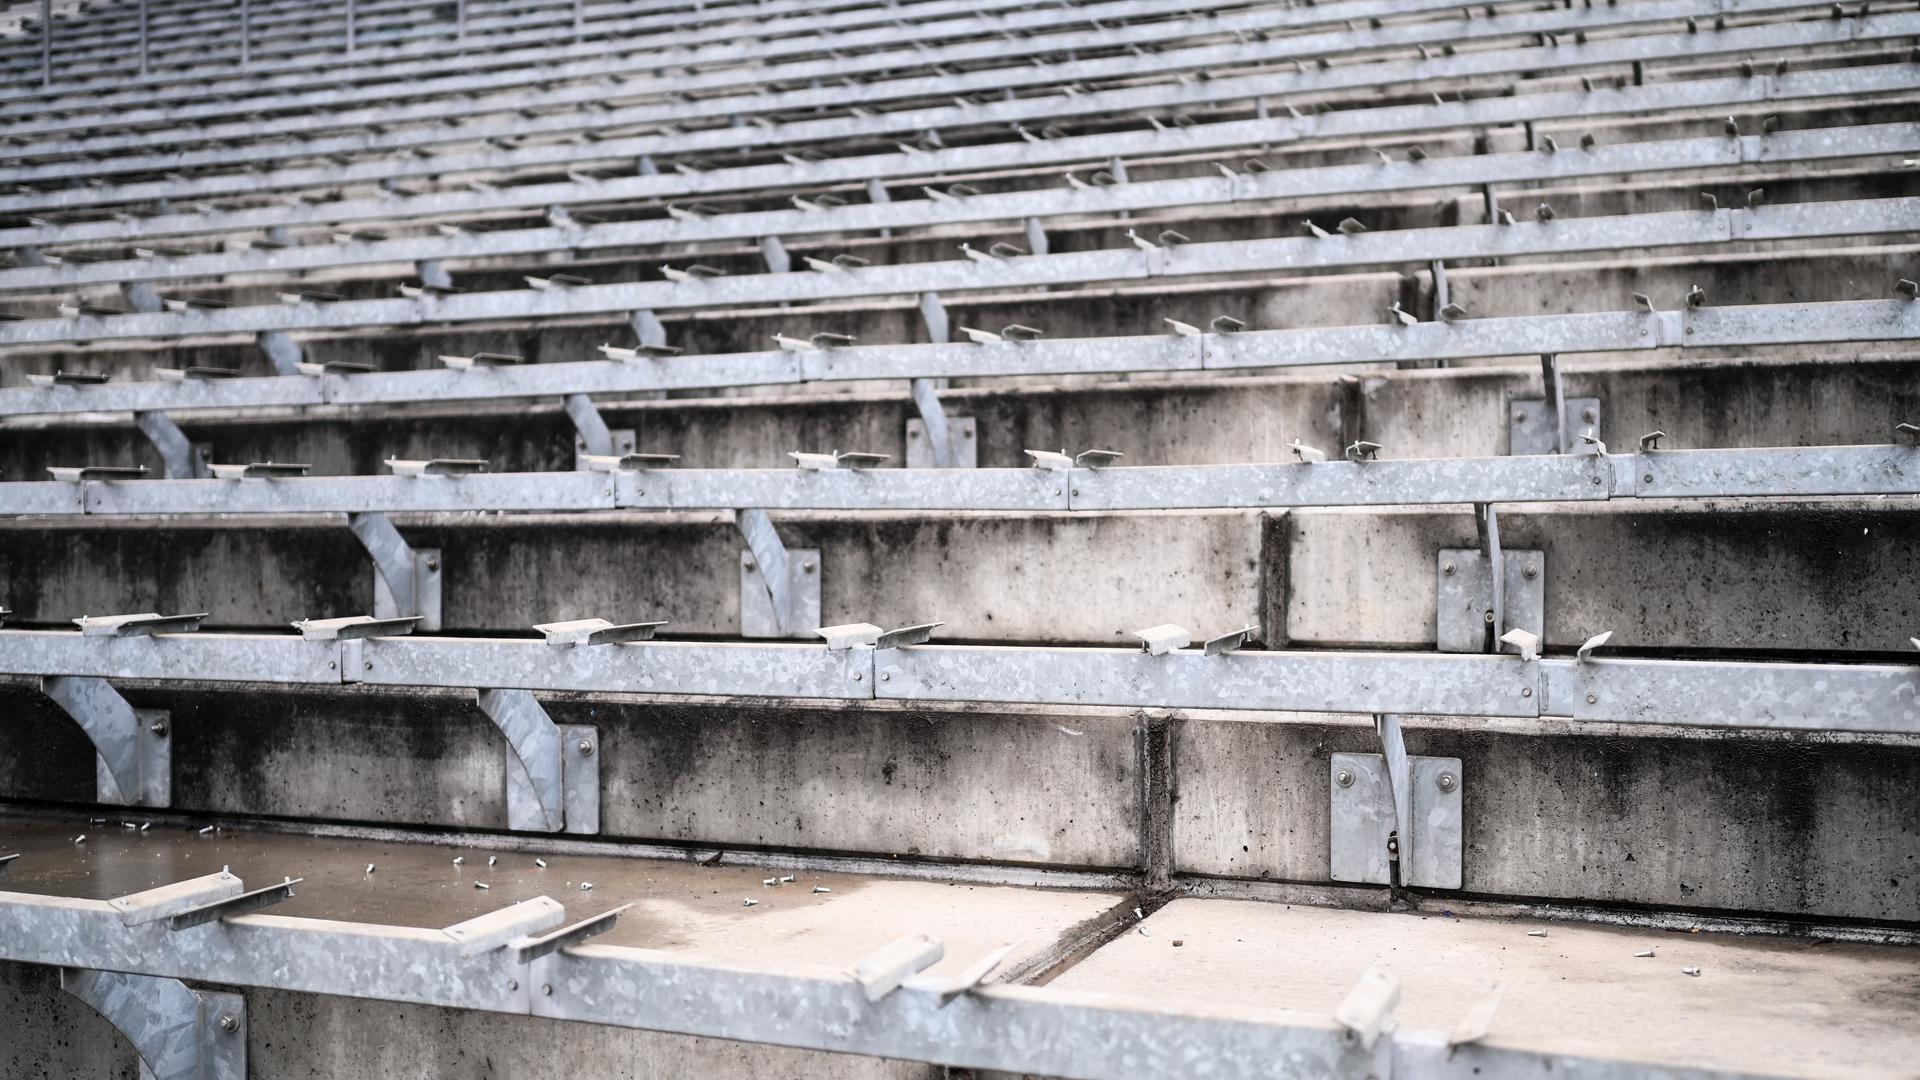 Die Leere: Auf den Rängen der Wildpark-Baustelle kennt man sie an Spieltagen dieser Saison. Nachdem die Mannschaft des KSC in Quarntäne steckt, scheint auch sportlich die Luft raus.